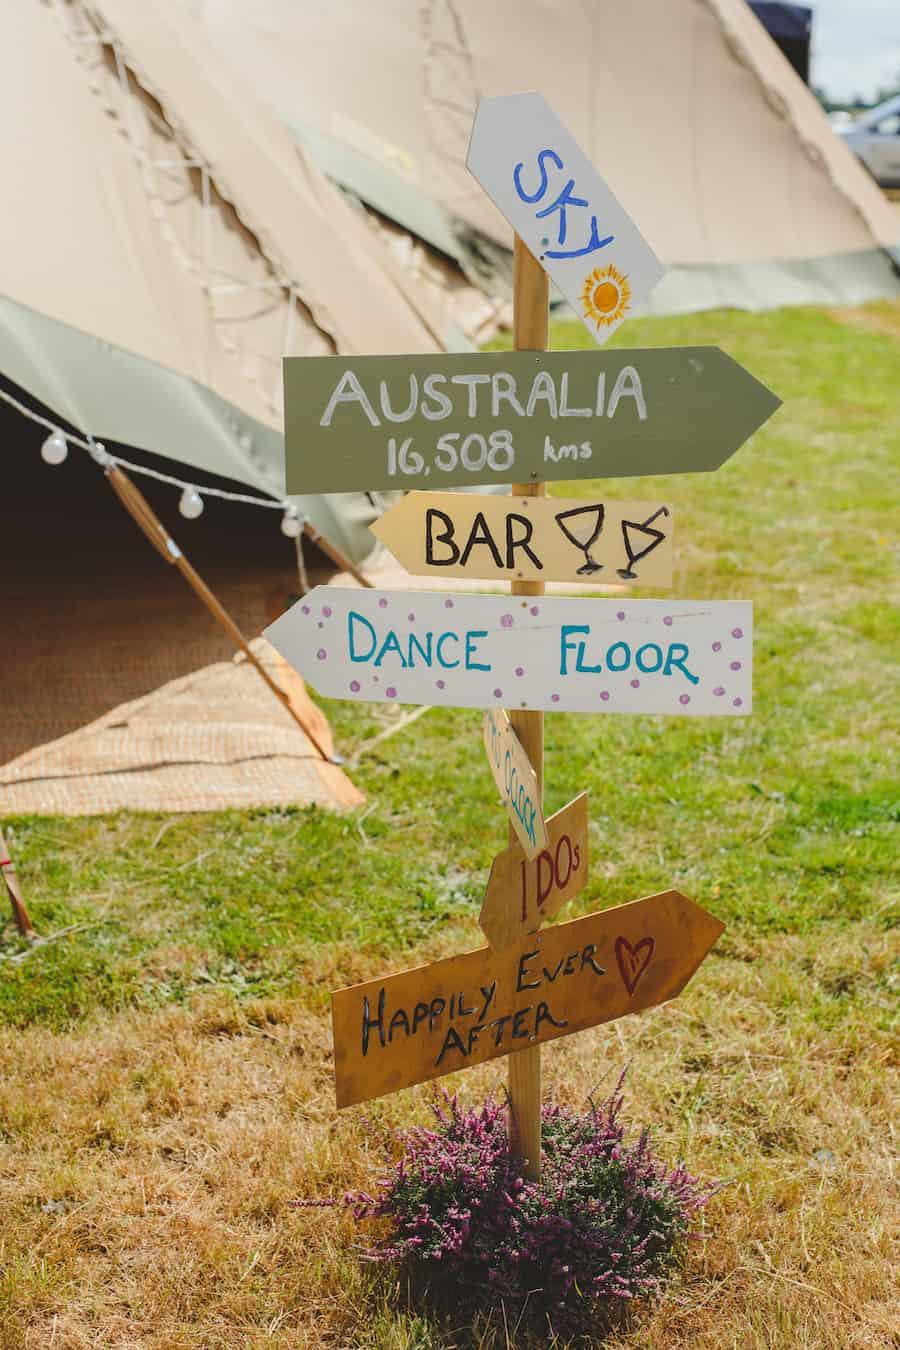 DIY Rustic Wedding Sign for gay wedding celebration | Gay wedding ideas